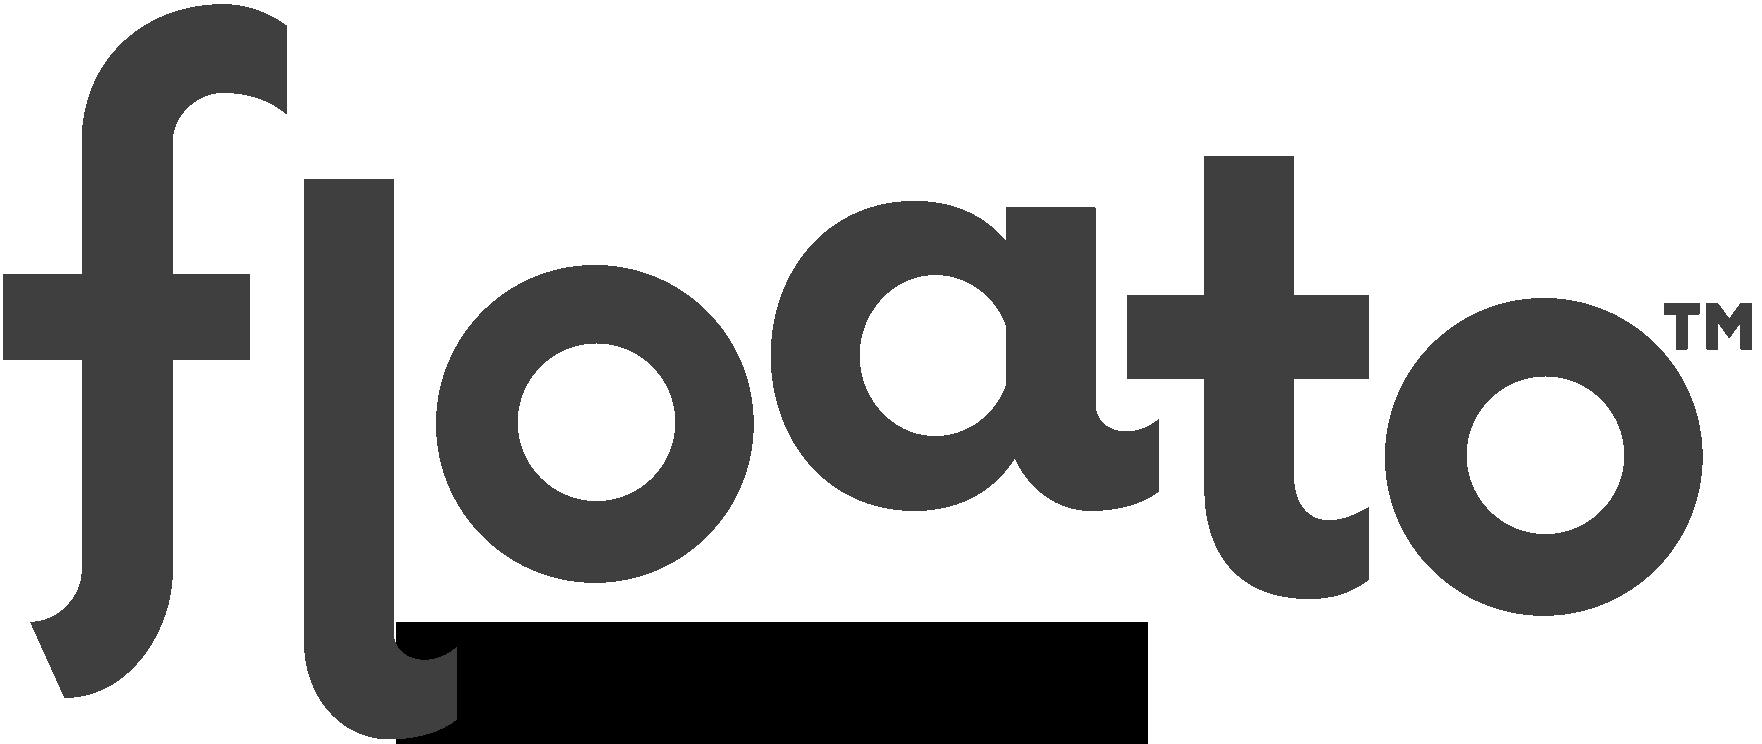 Floato